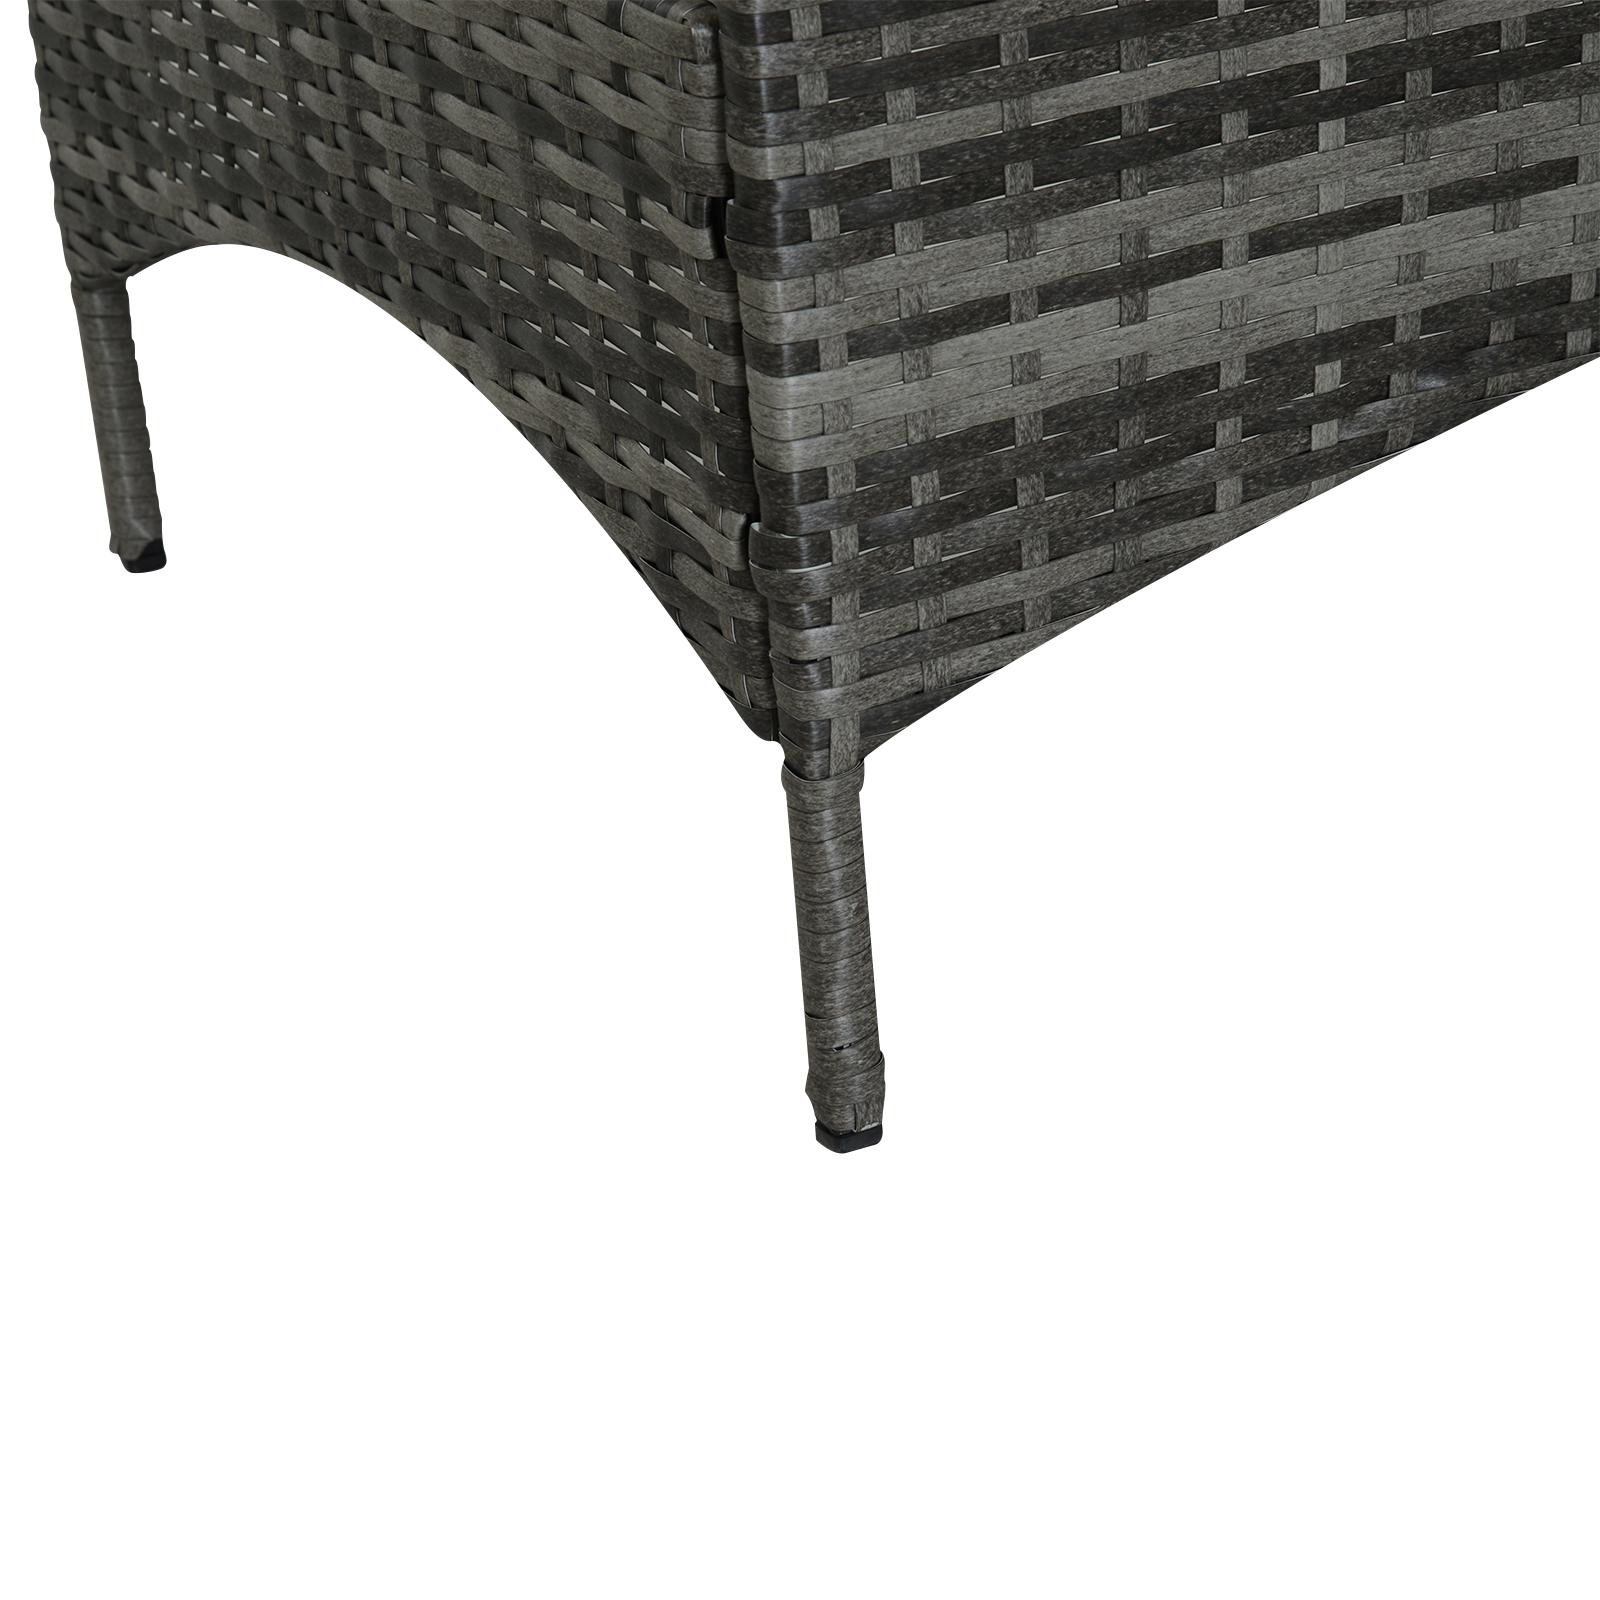 Sofa-de-Ratan-Dos-Plazas-Sillon-Mueble-Jardin-Terraza-con-Reposapies-Toldo-Cojin miniatura 9